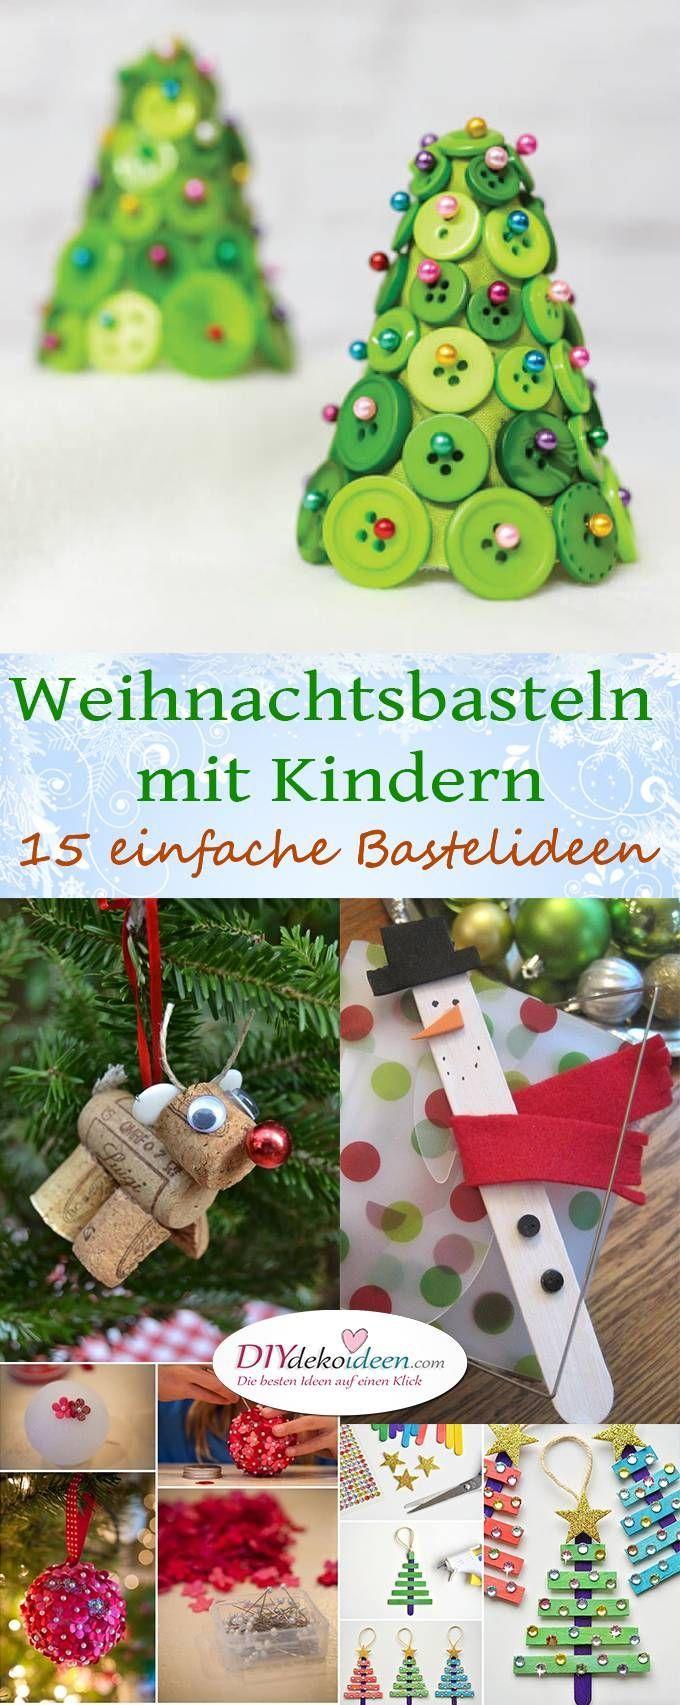 15 Einfache Bastelideen Für Weihnachten Mit Kindern – Diy mit Einfache Bastelideen Für Weihnachten